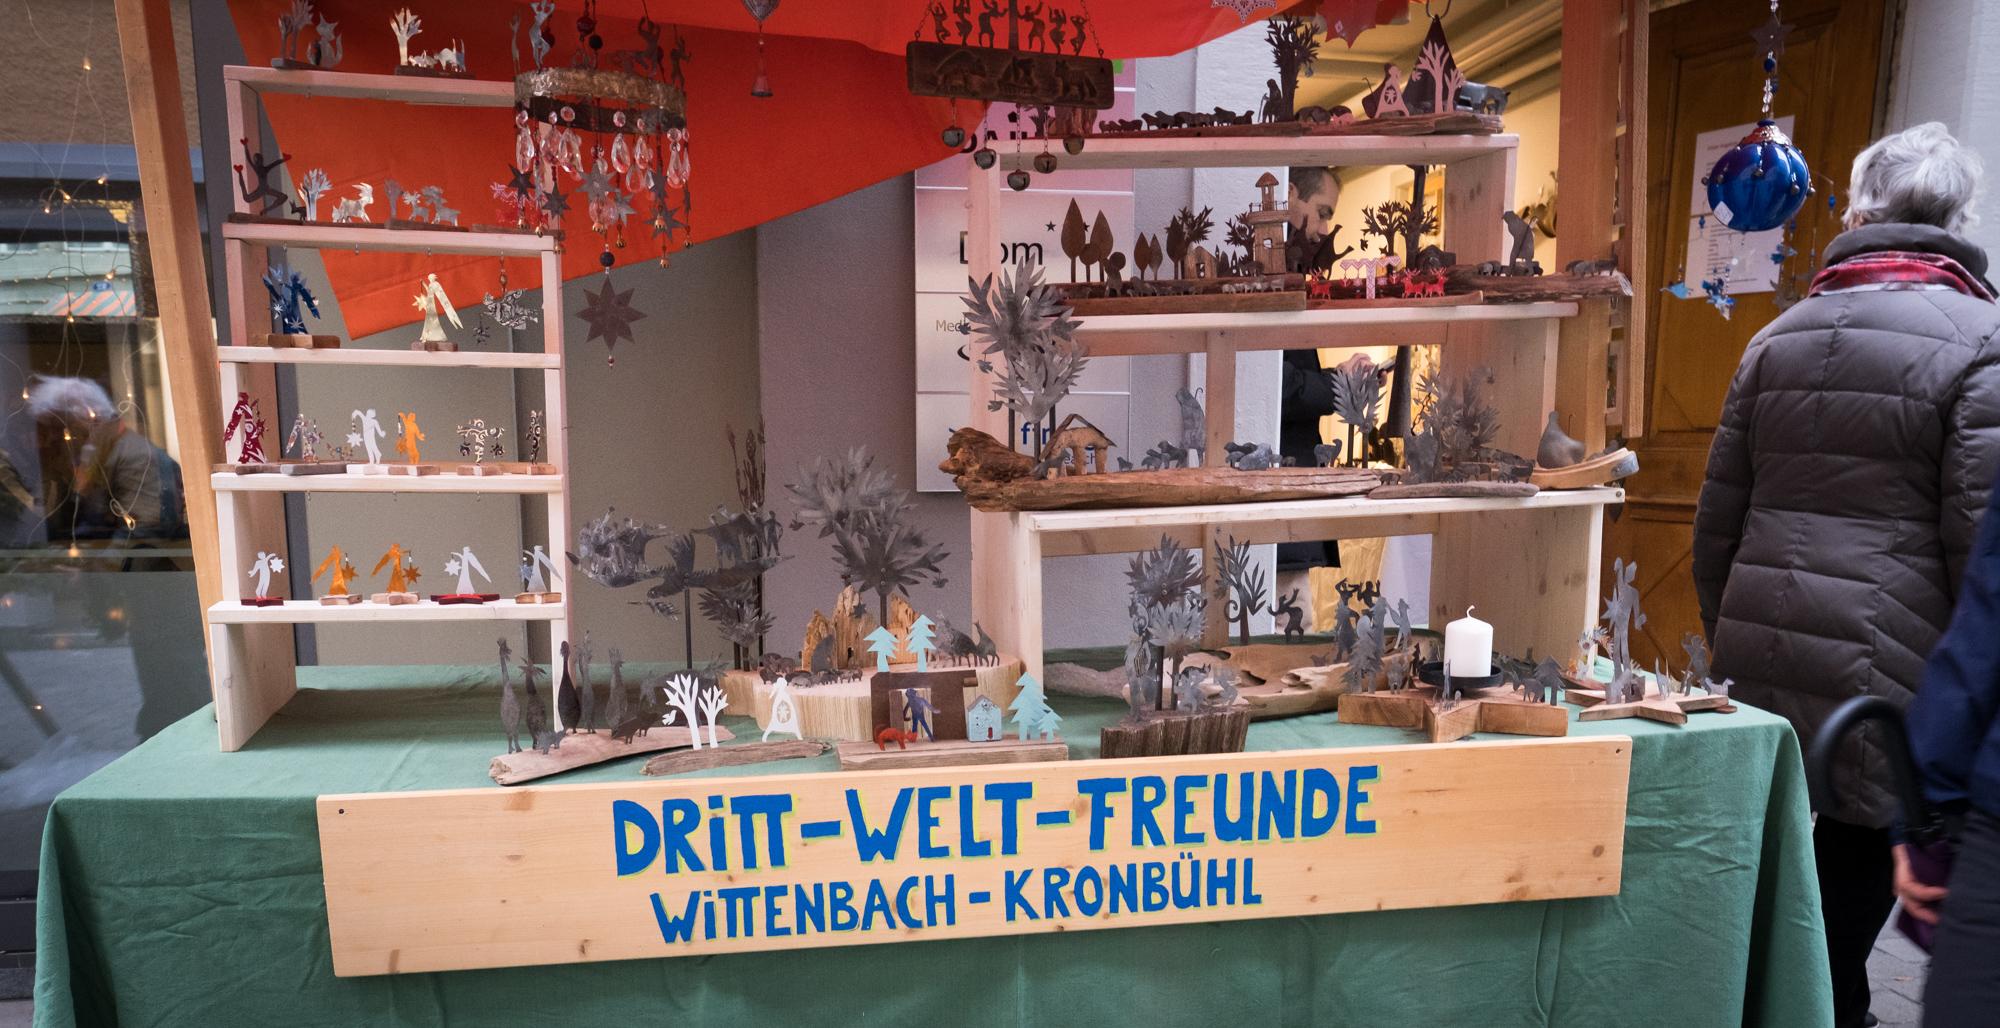 Weihnachtsstand 3. Weltfreunde an der Webergasse in St.Gallen Dez. 2018